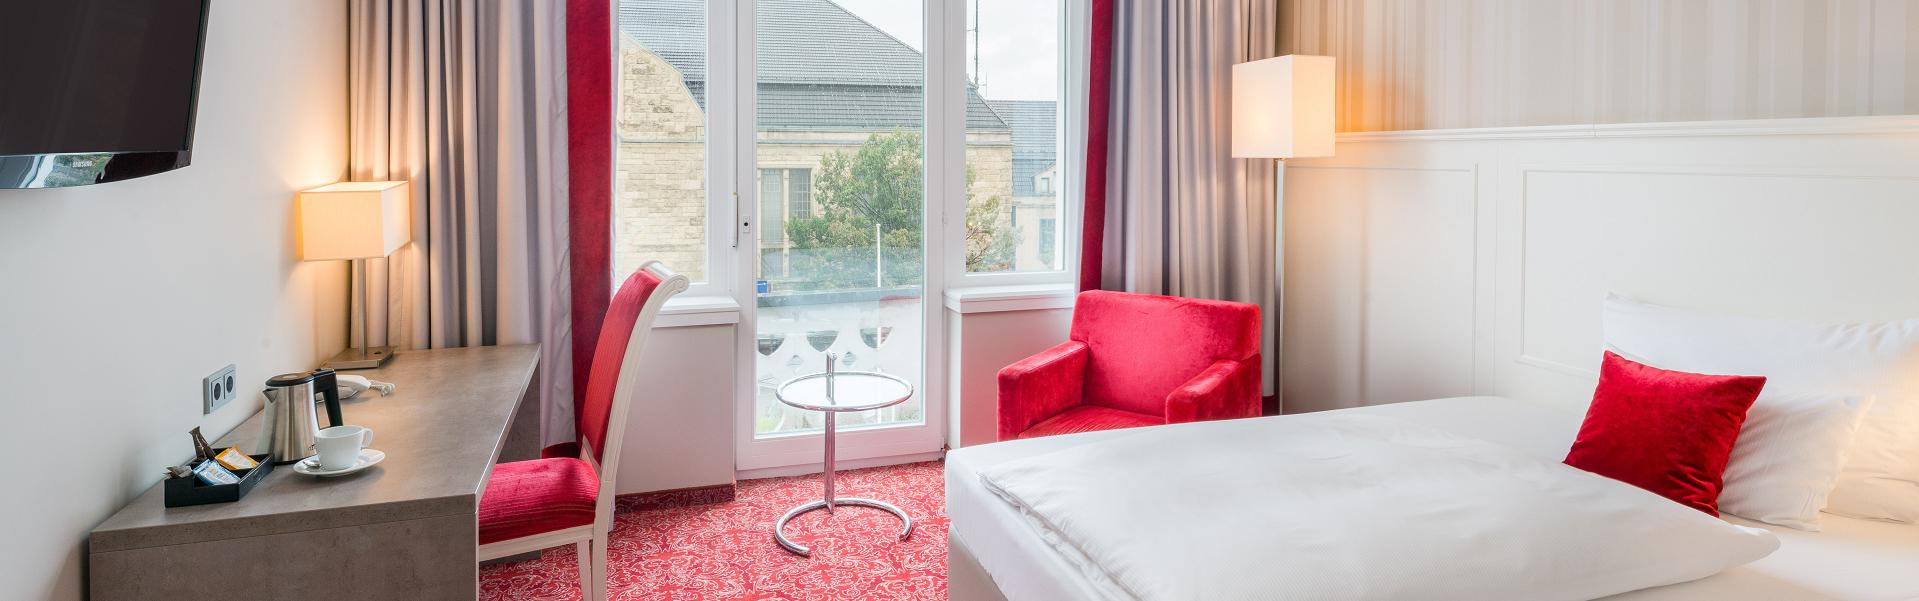 Bielefelder Hof Hotelzimmer mit Schreibtisch und Ausblick